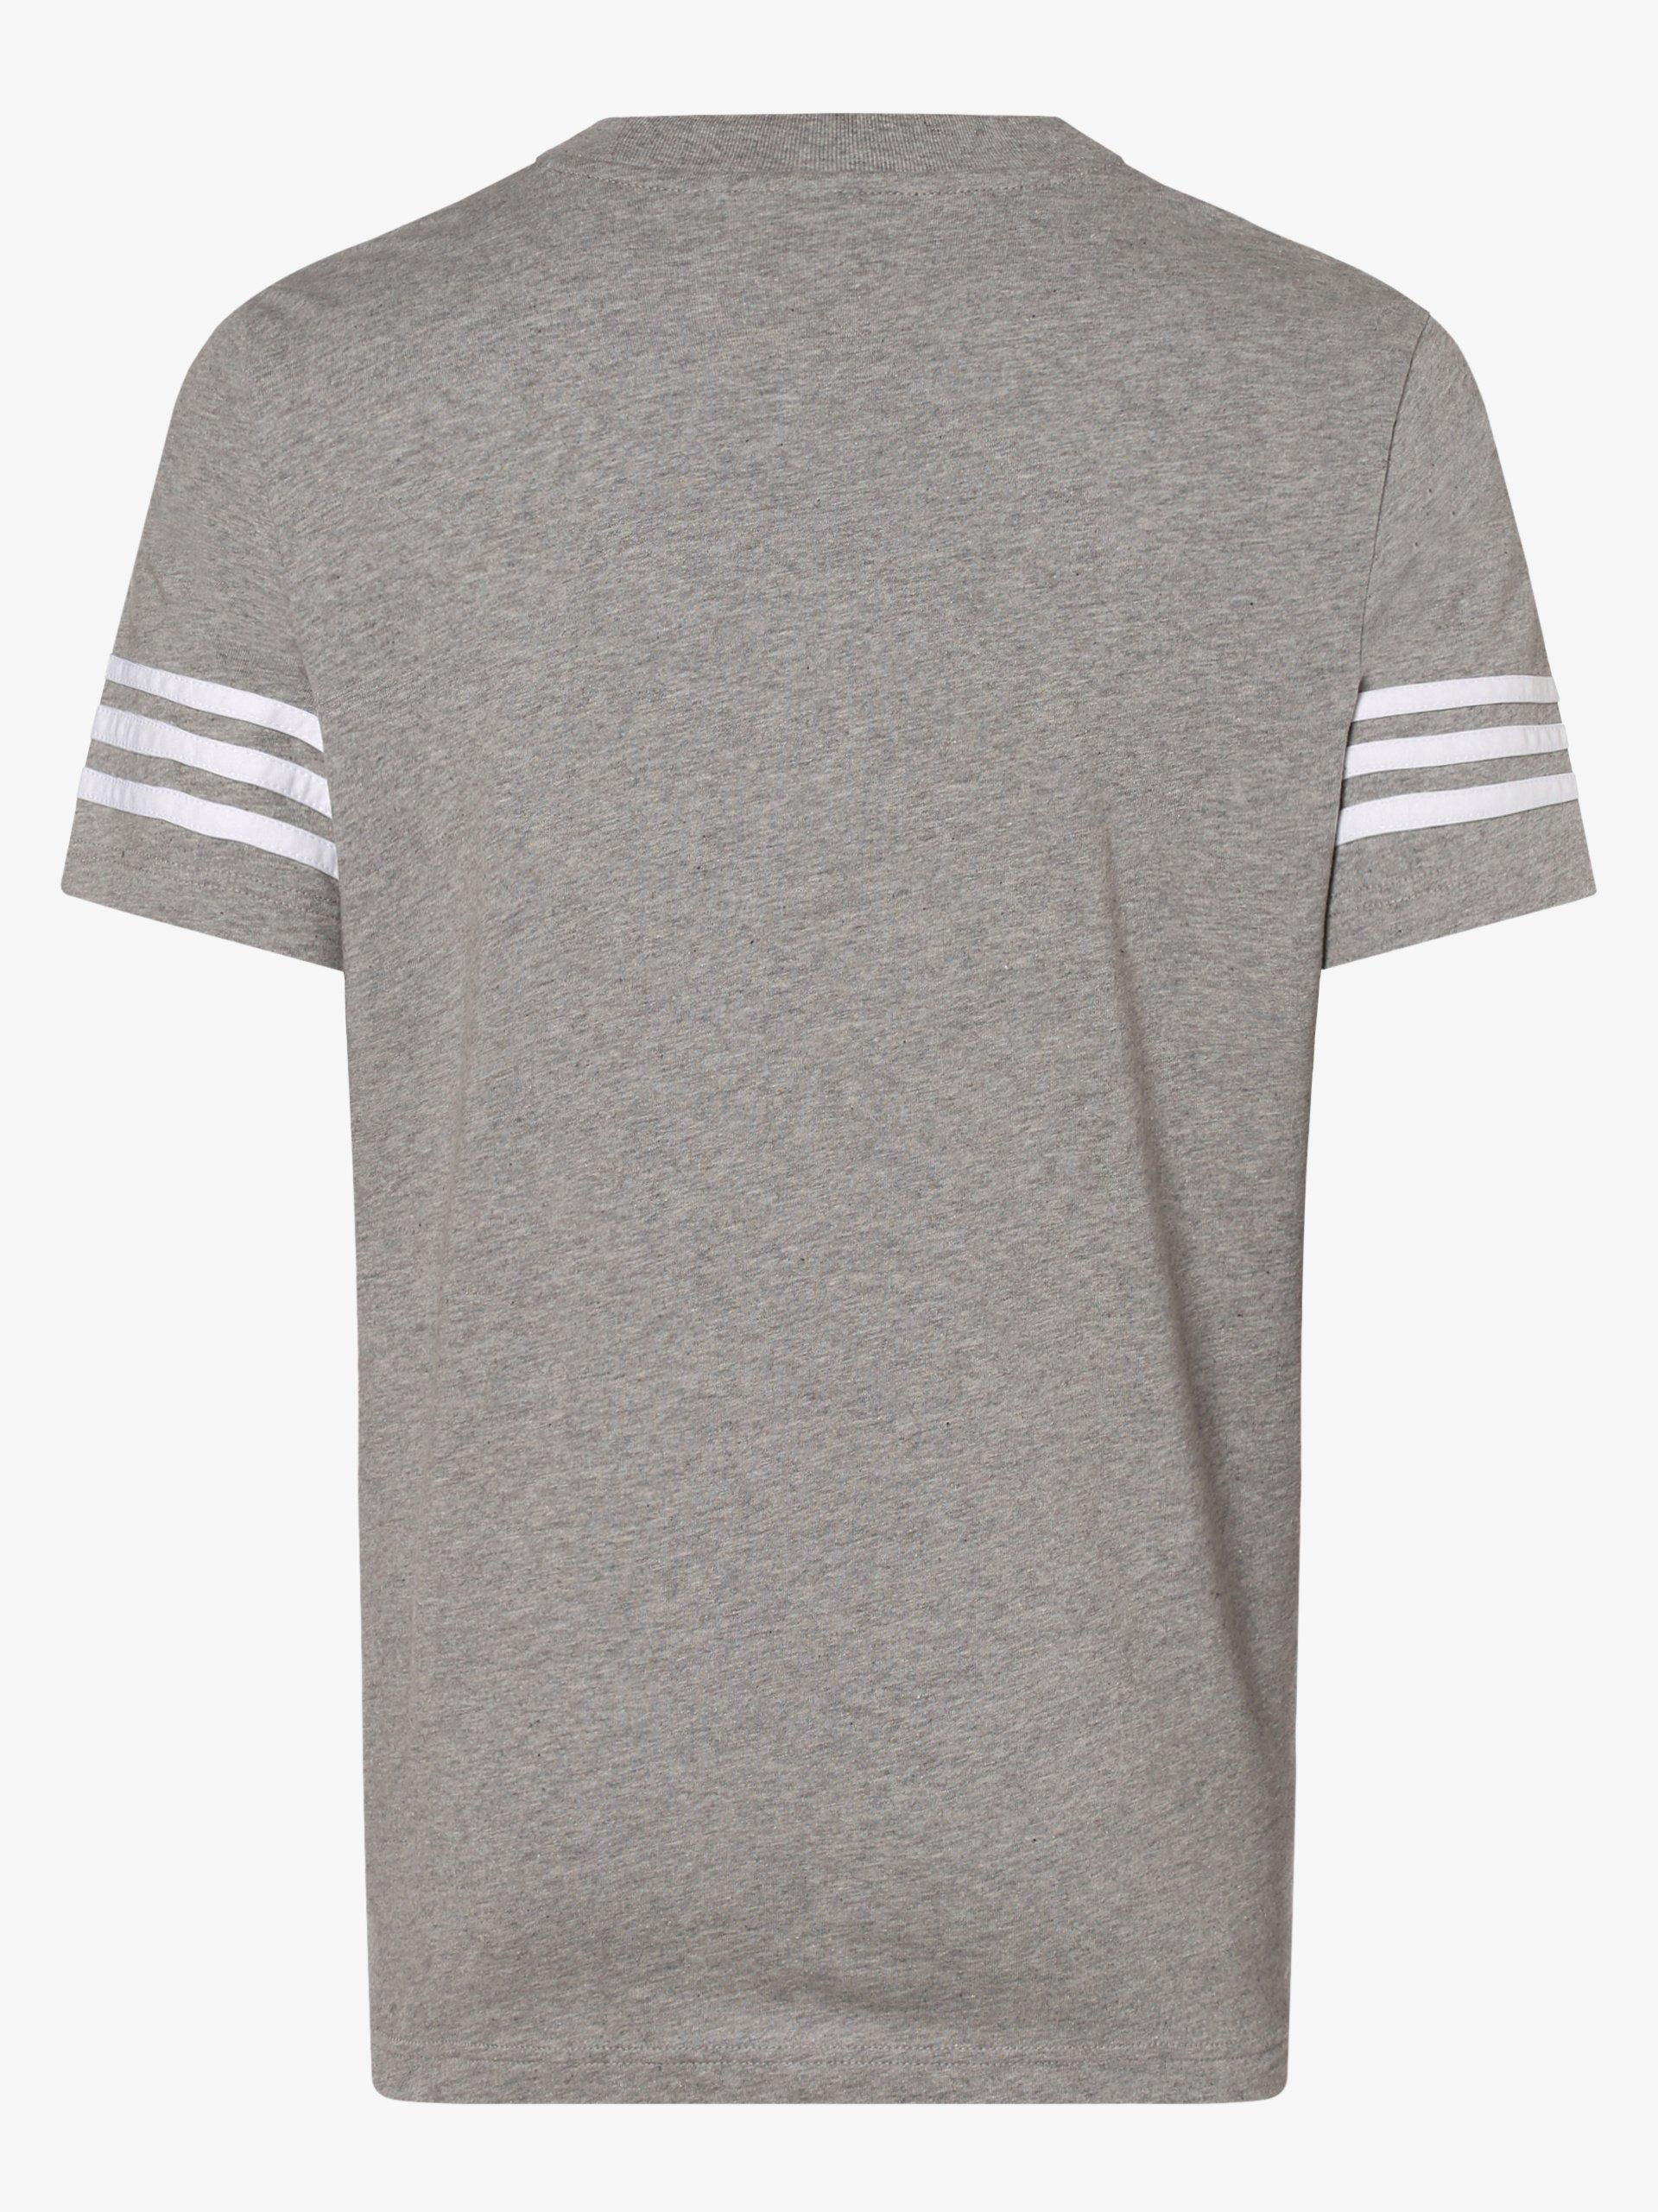 adidas Originals T-shirt męski